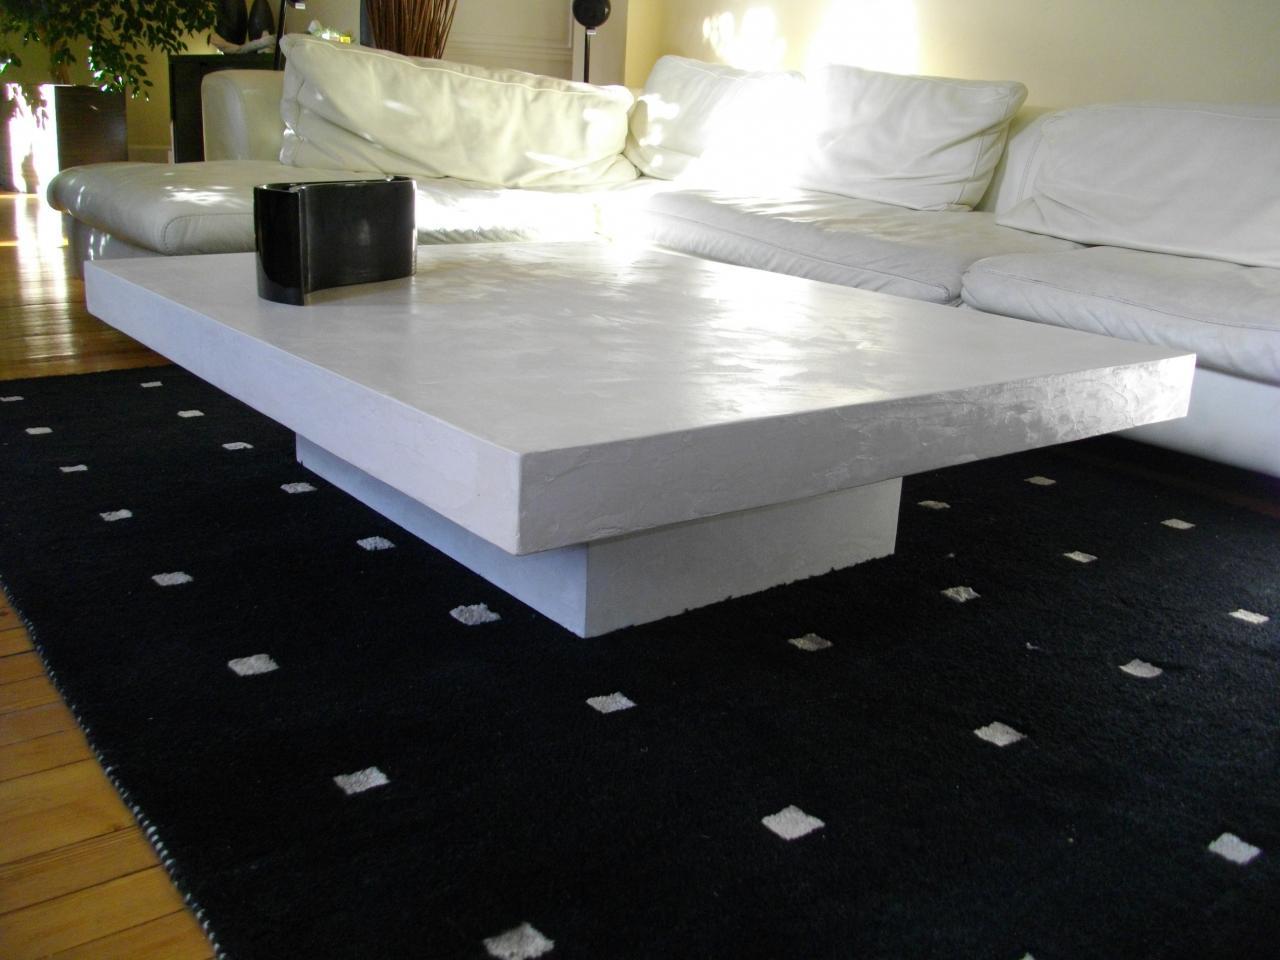 photos officielles 85b60 f0208 Table basse carrée grand format - Idée de maison et déco